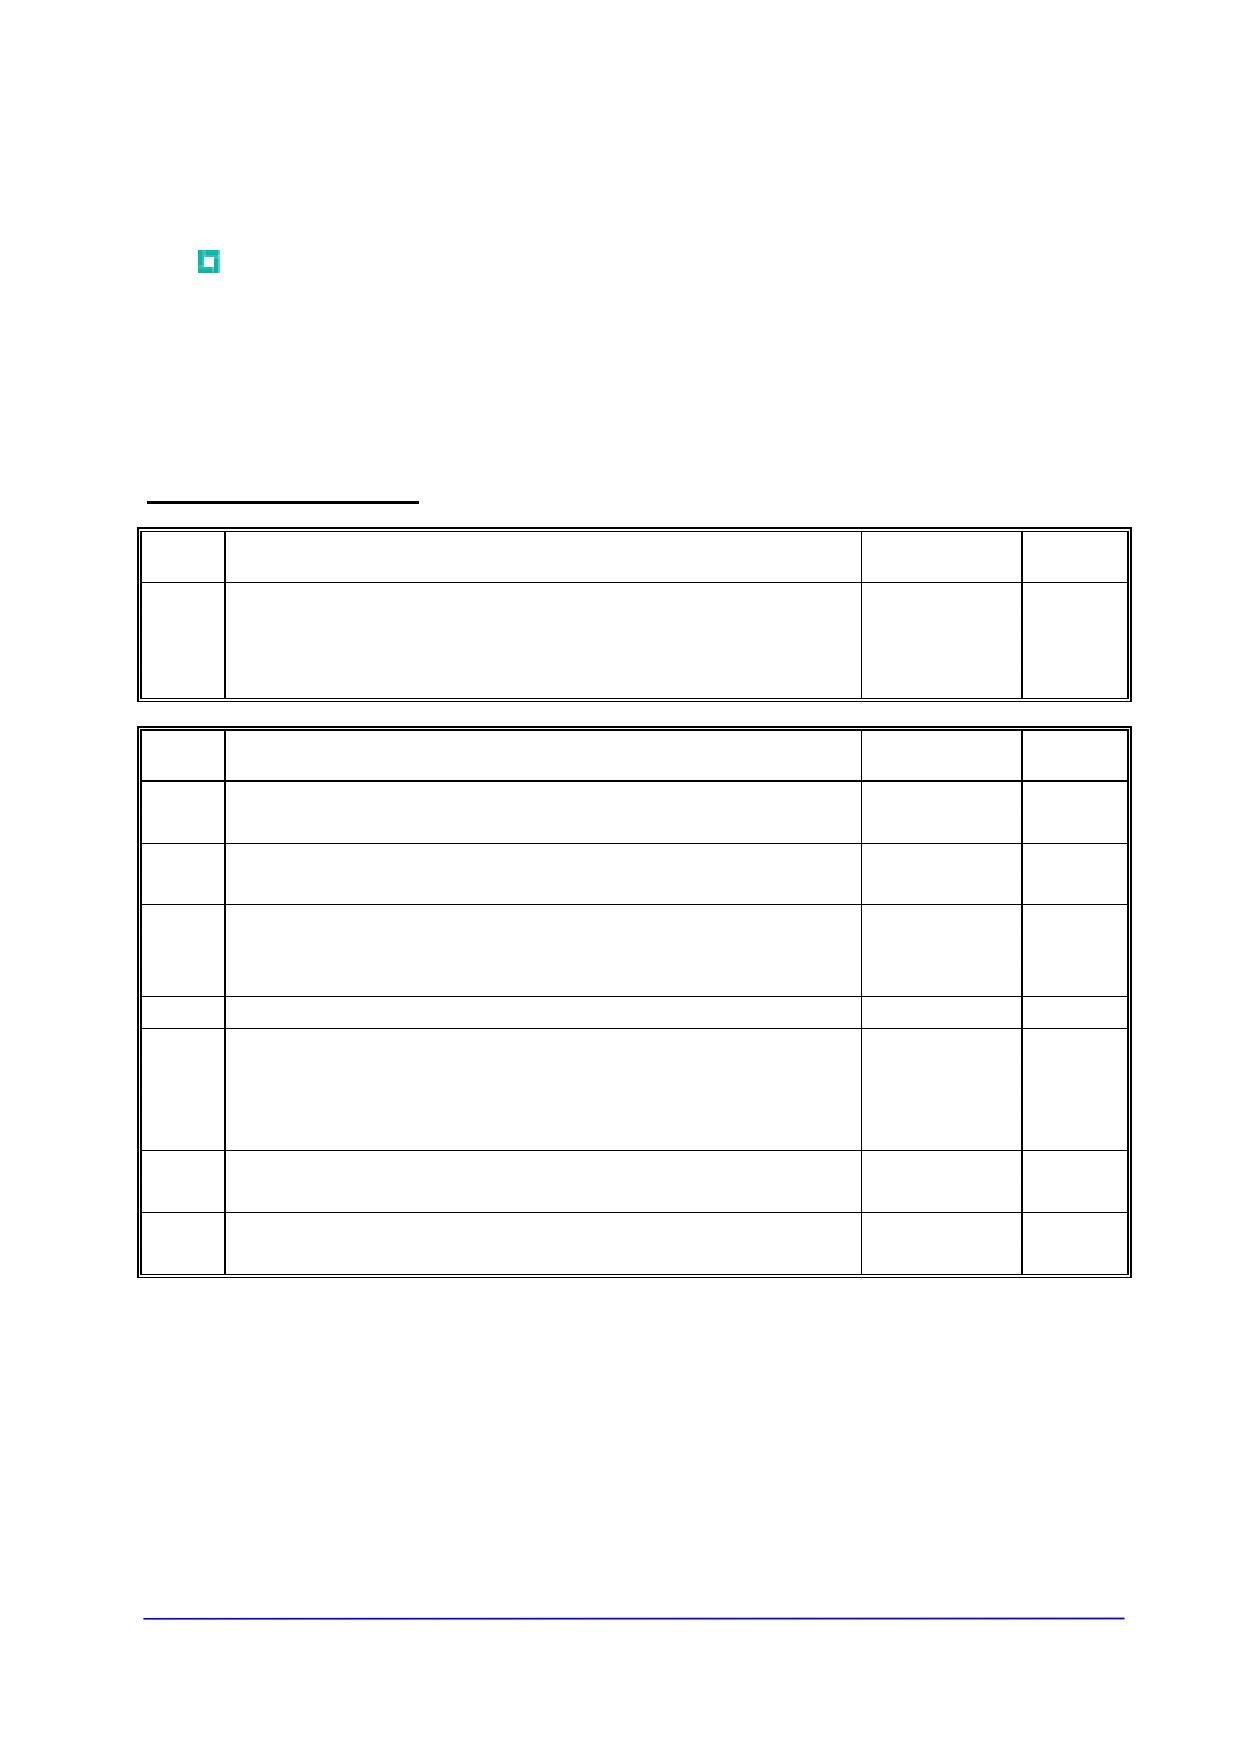 H0500KC25N Datasheet, H0500KC25N PDF,ピン配置, 機能